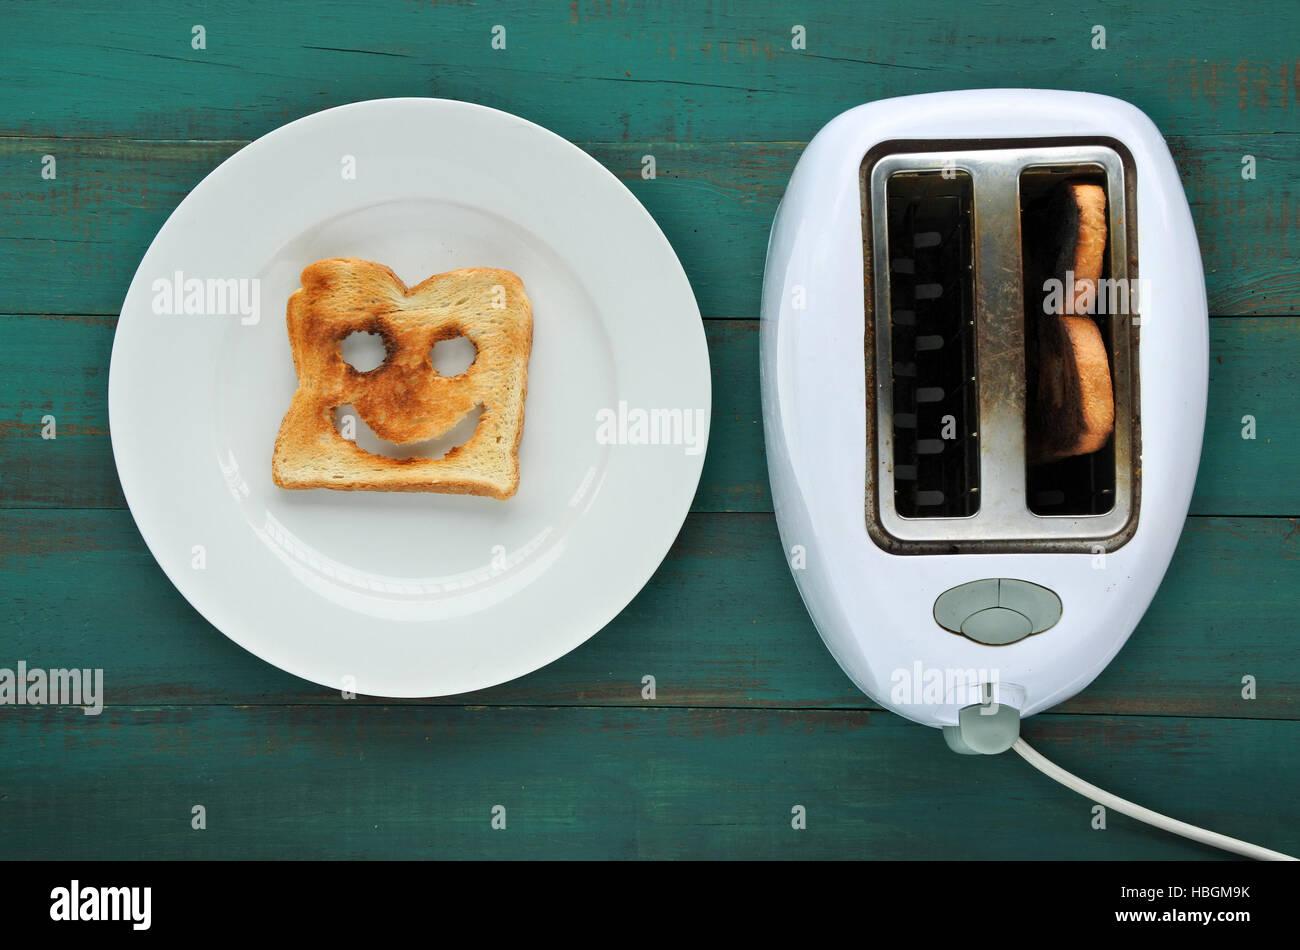 Mise à plat vue sur l'une des tranches de pain grillé dans une assiette à côté d'un Photo Stock